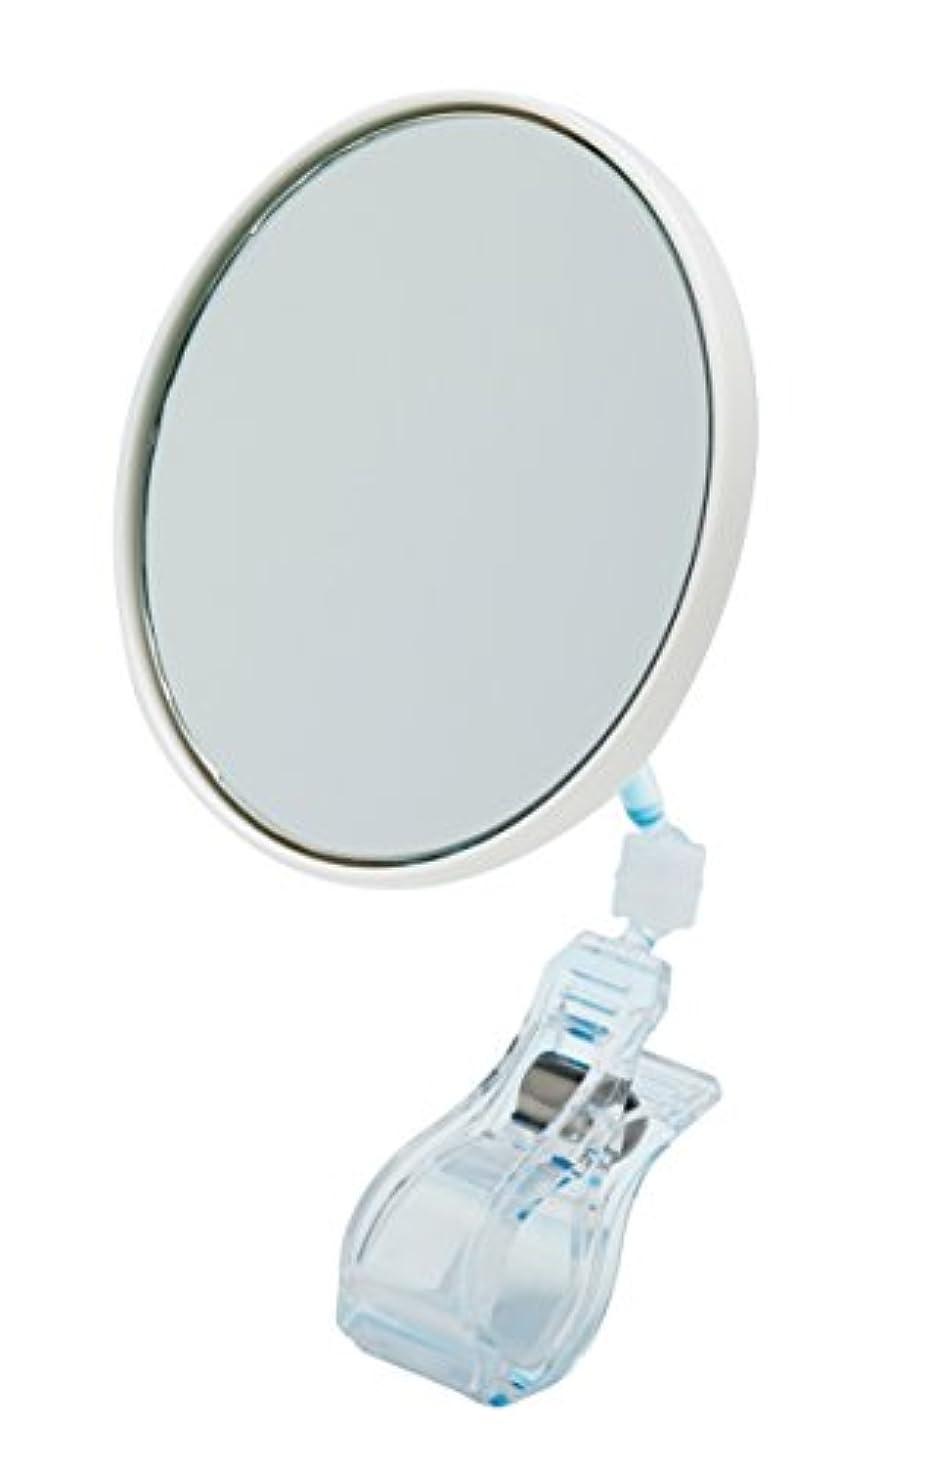 デコードするはっきりしない促進するワンプラスクリップミラー×3倍鏡 拡大鏡 PC-03